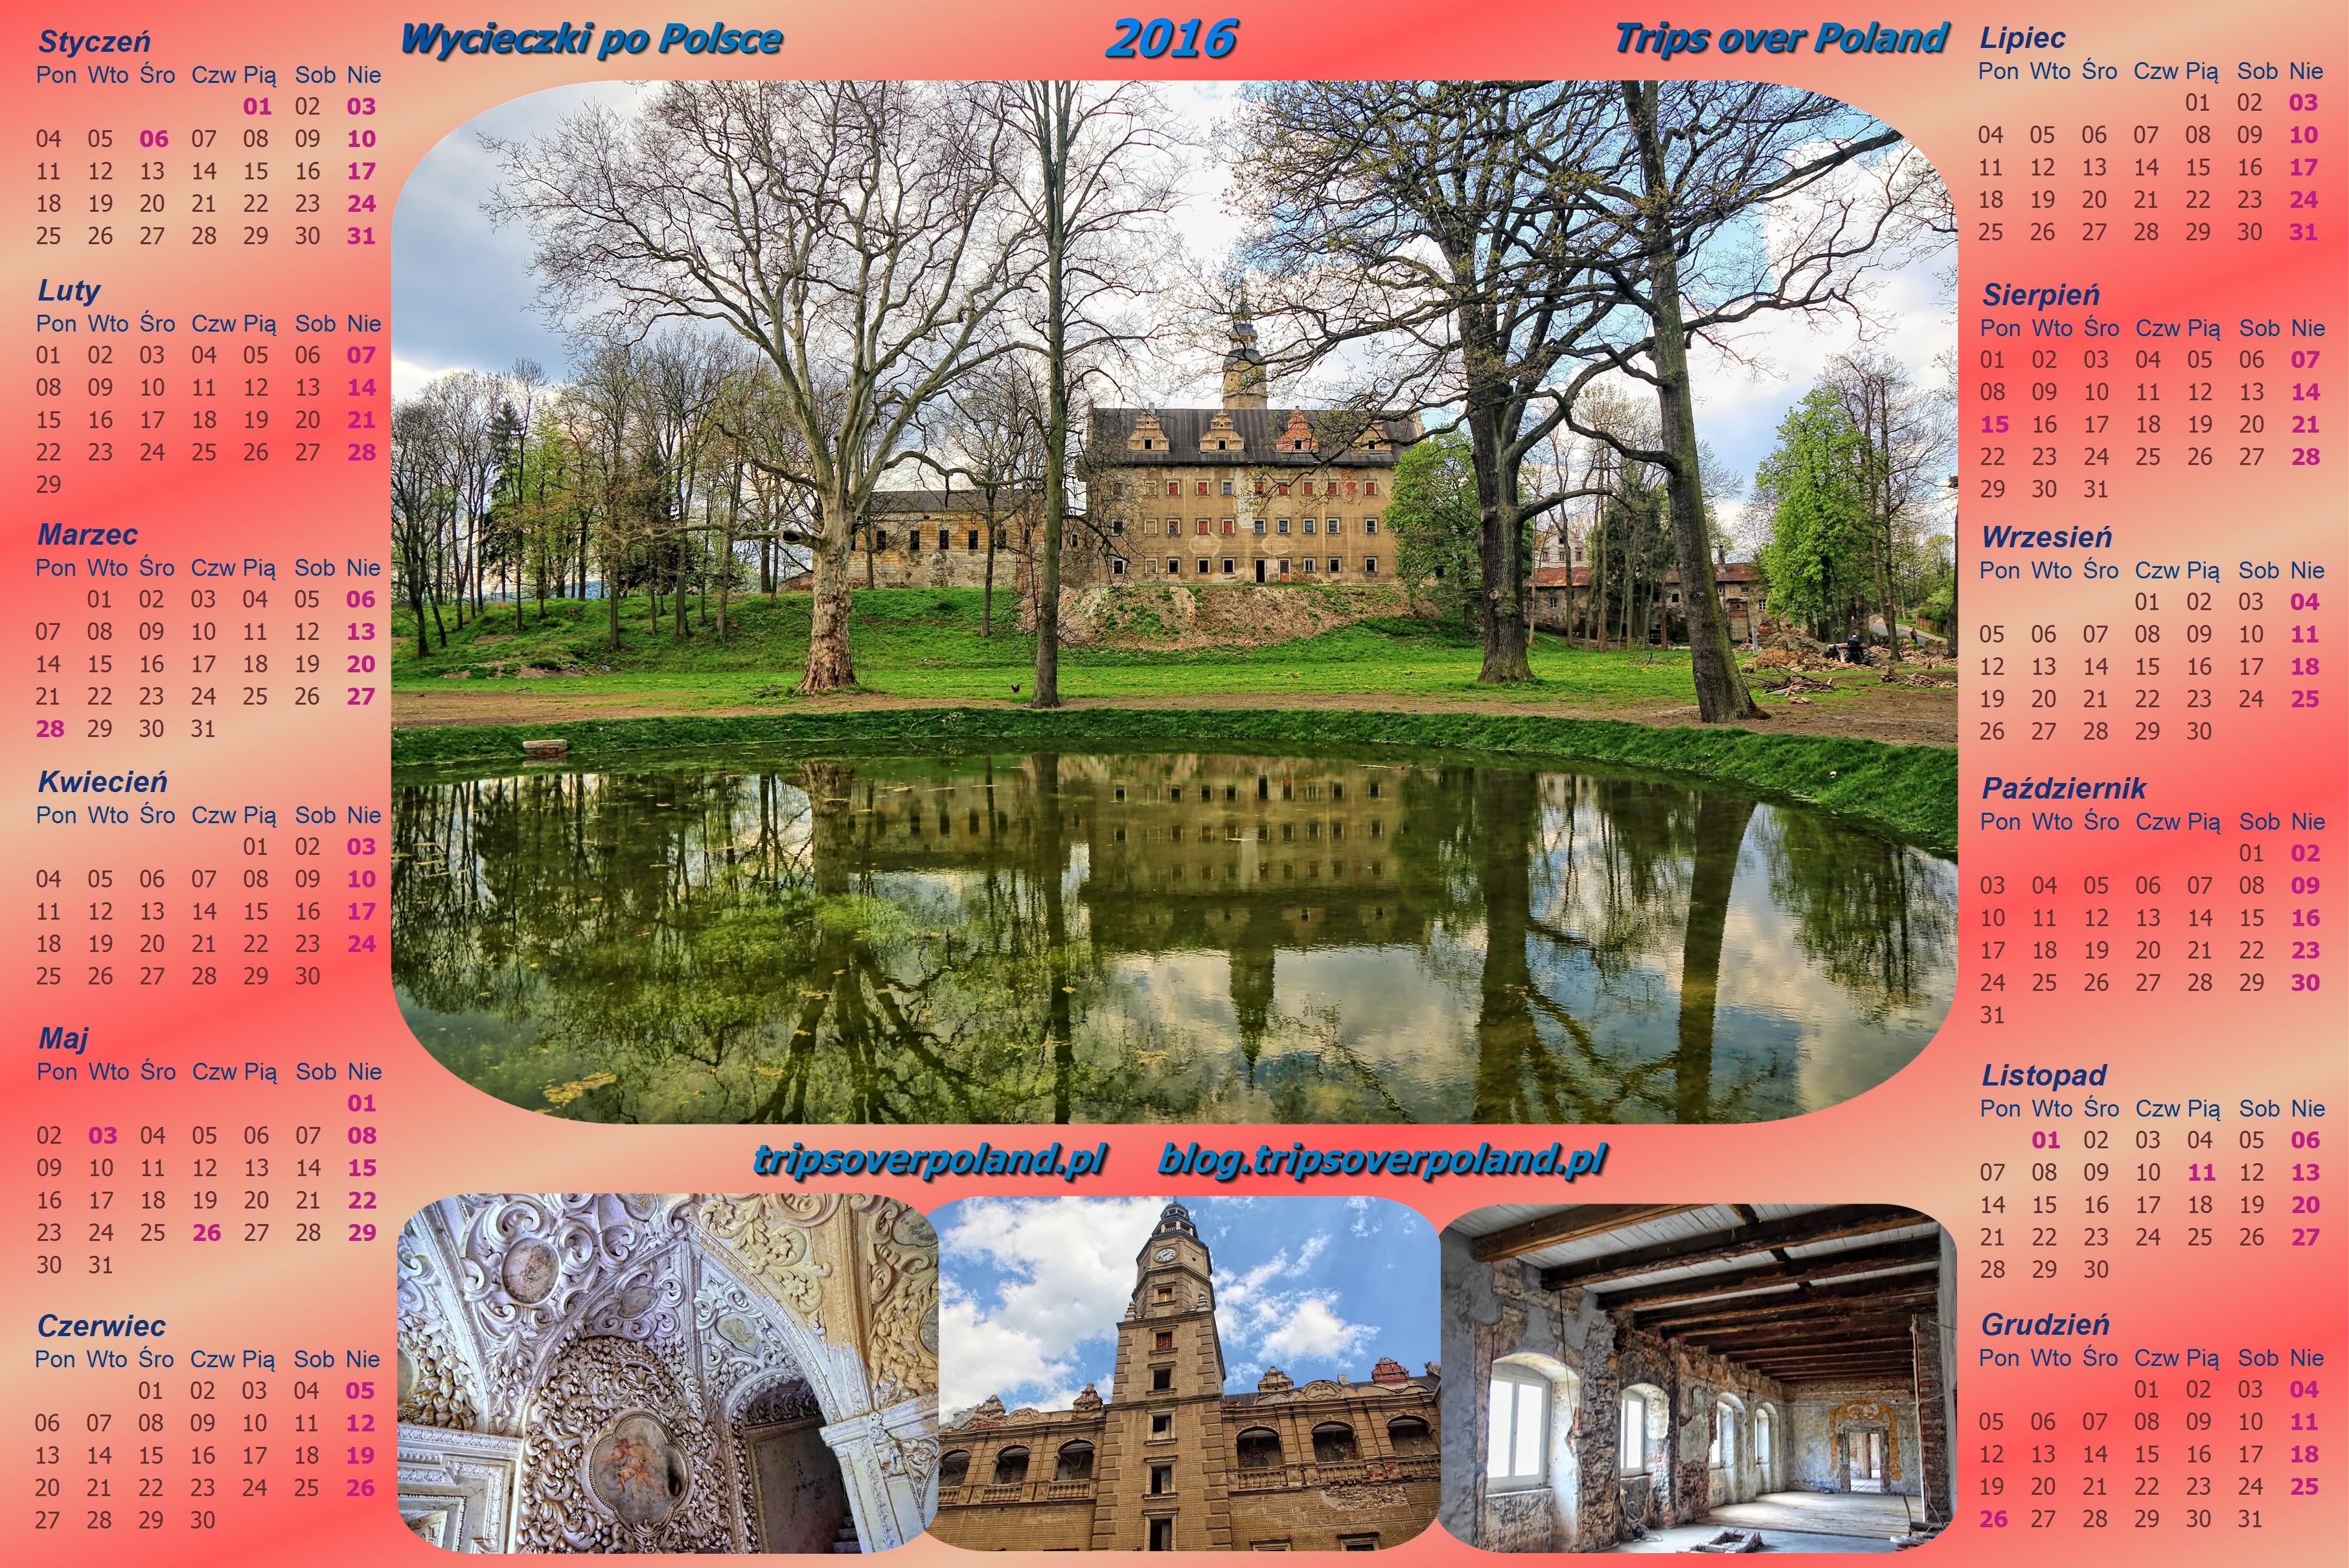 kalendarz ze zdjęciami z Gorzanowa